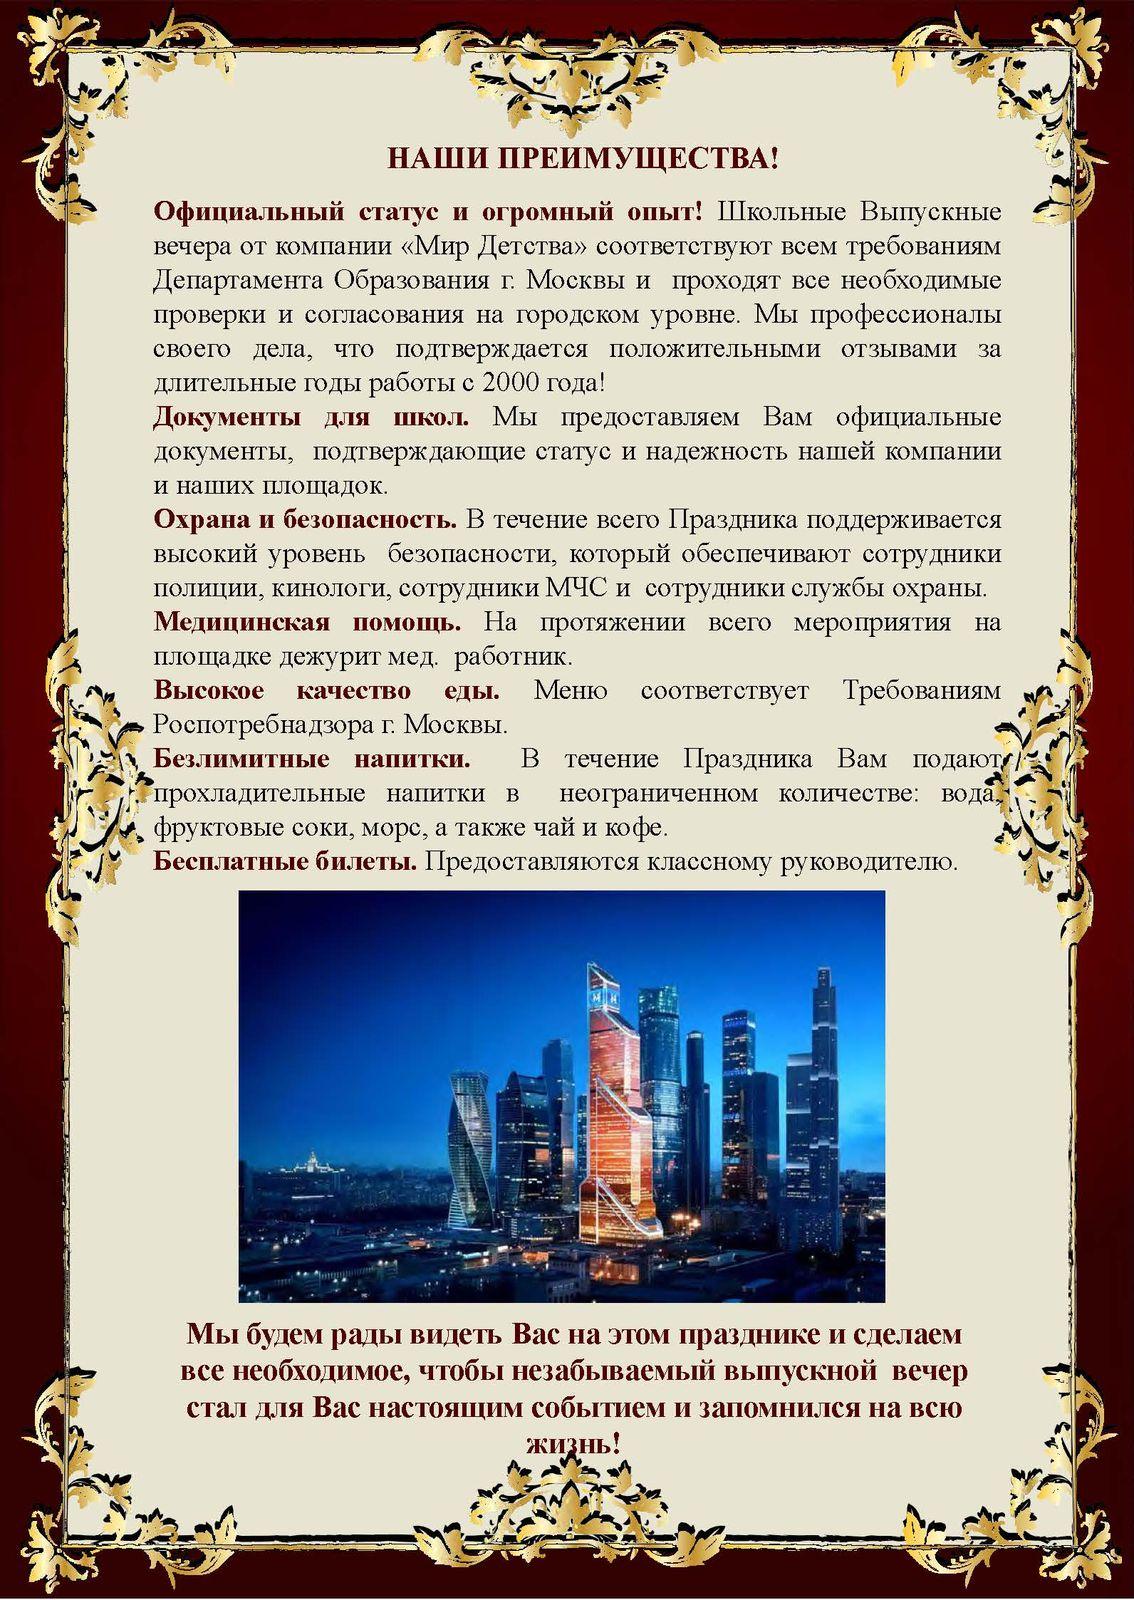 Презентация Выпускной Выше нас только небо 2021 в Башне Москва Сити 5